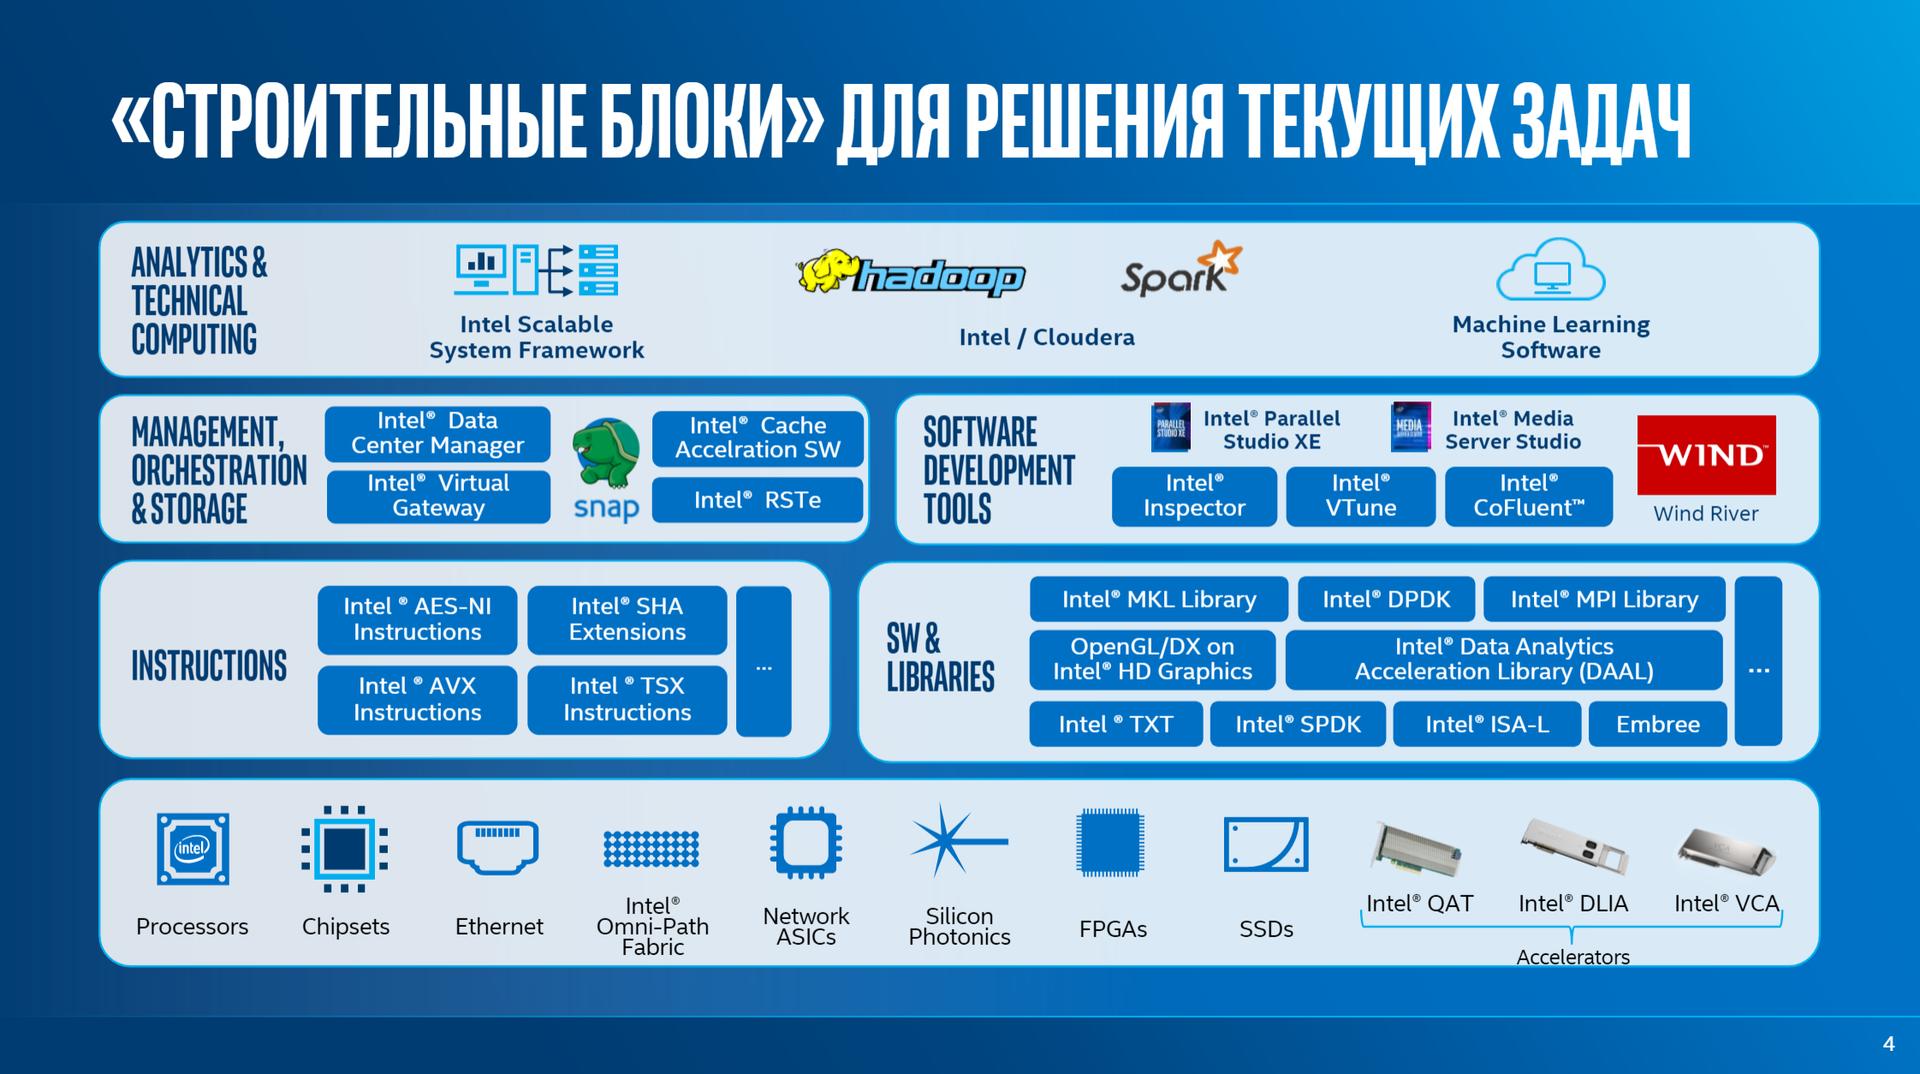 Решения Lenovo для дата-центров. Часть 2 - 4